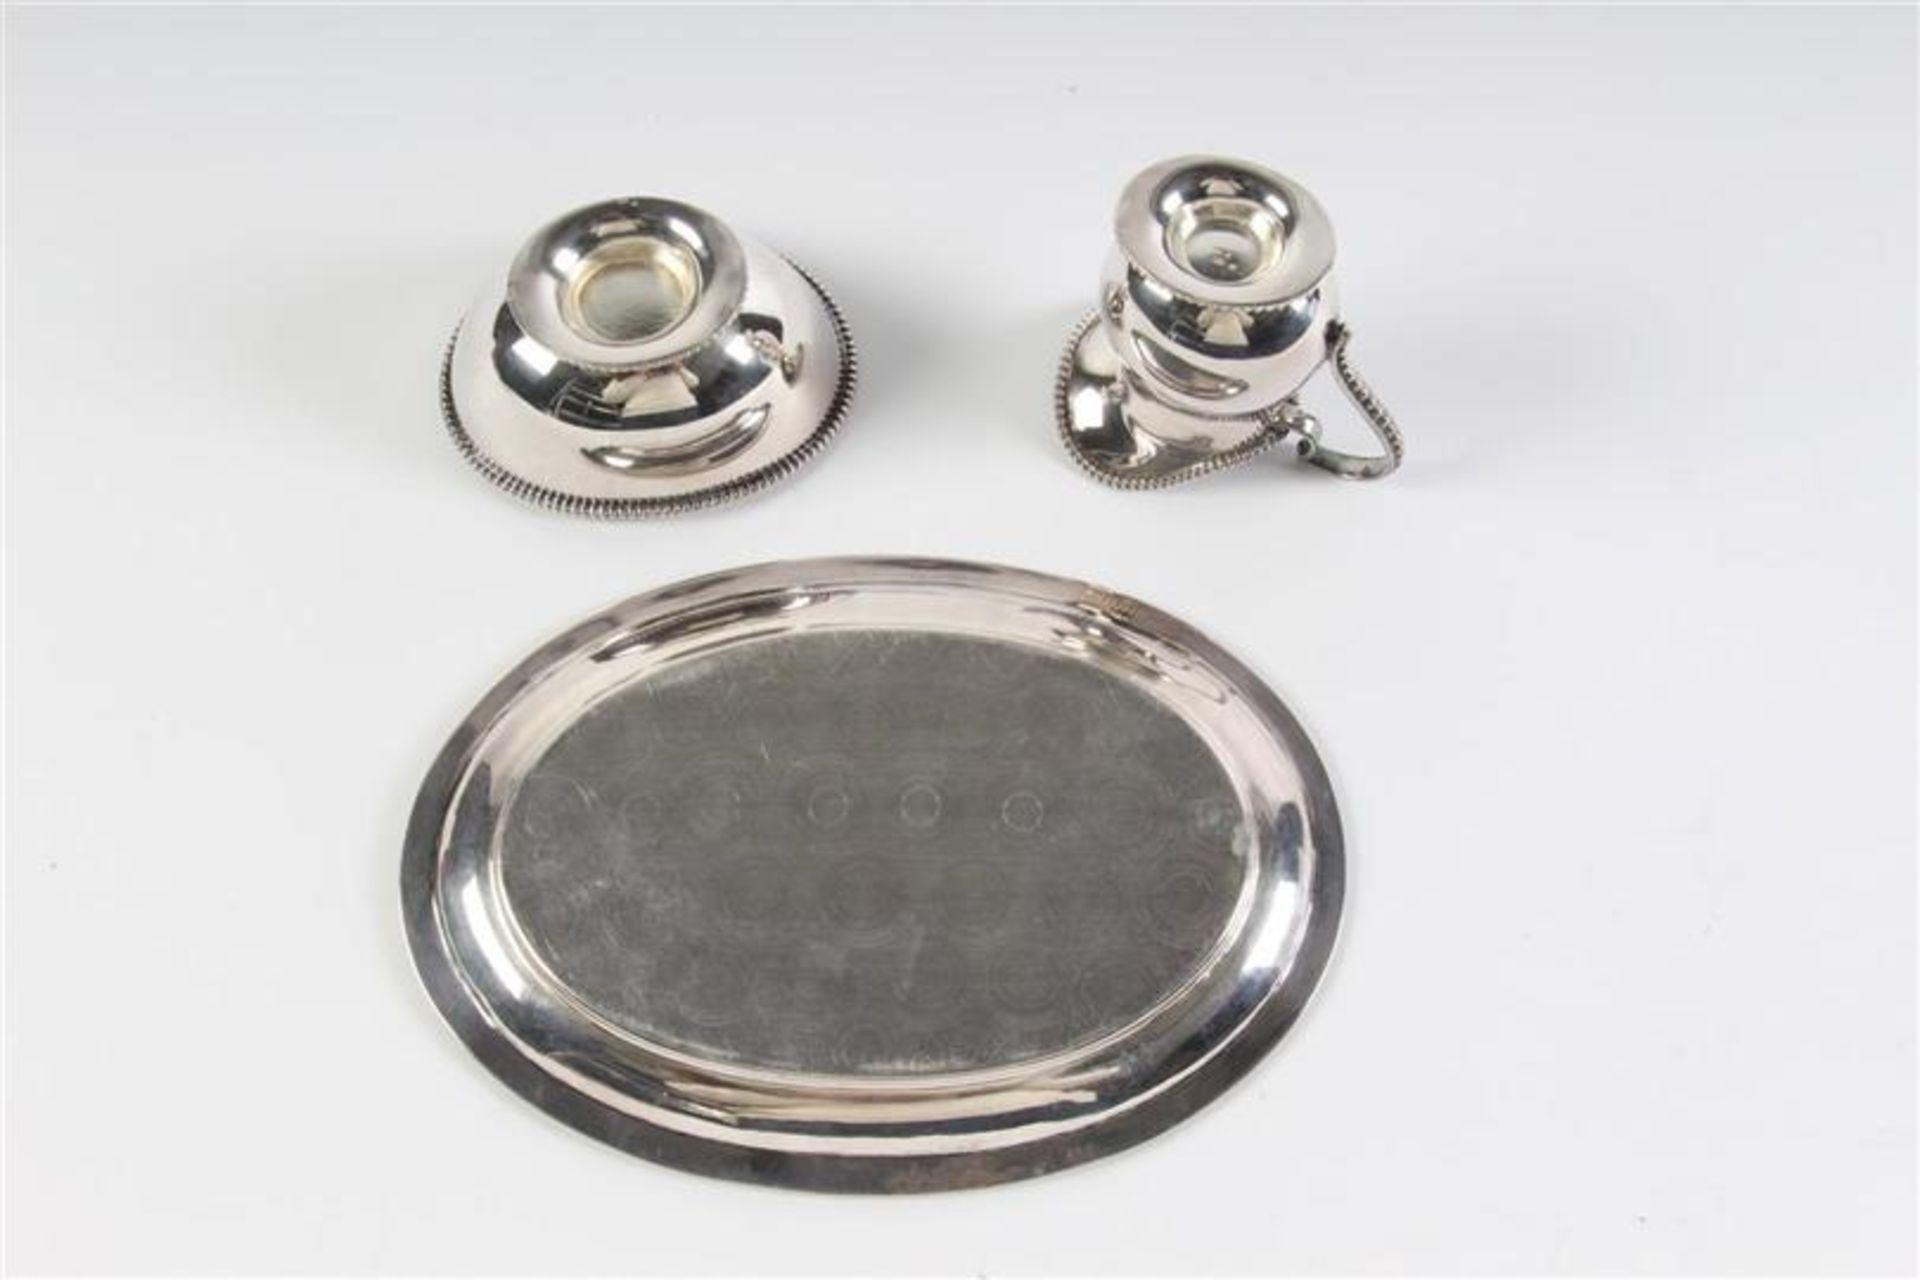 Driedelig zilveren roomsetje met parelrand. L: 18.5 cm. Gewicht: 293 g. - Bild 2 aus 5